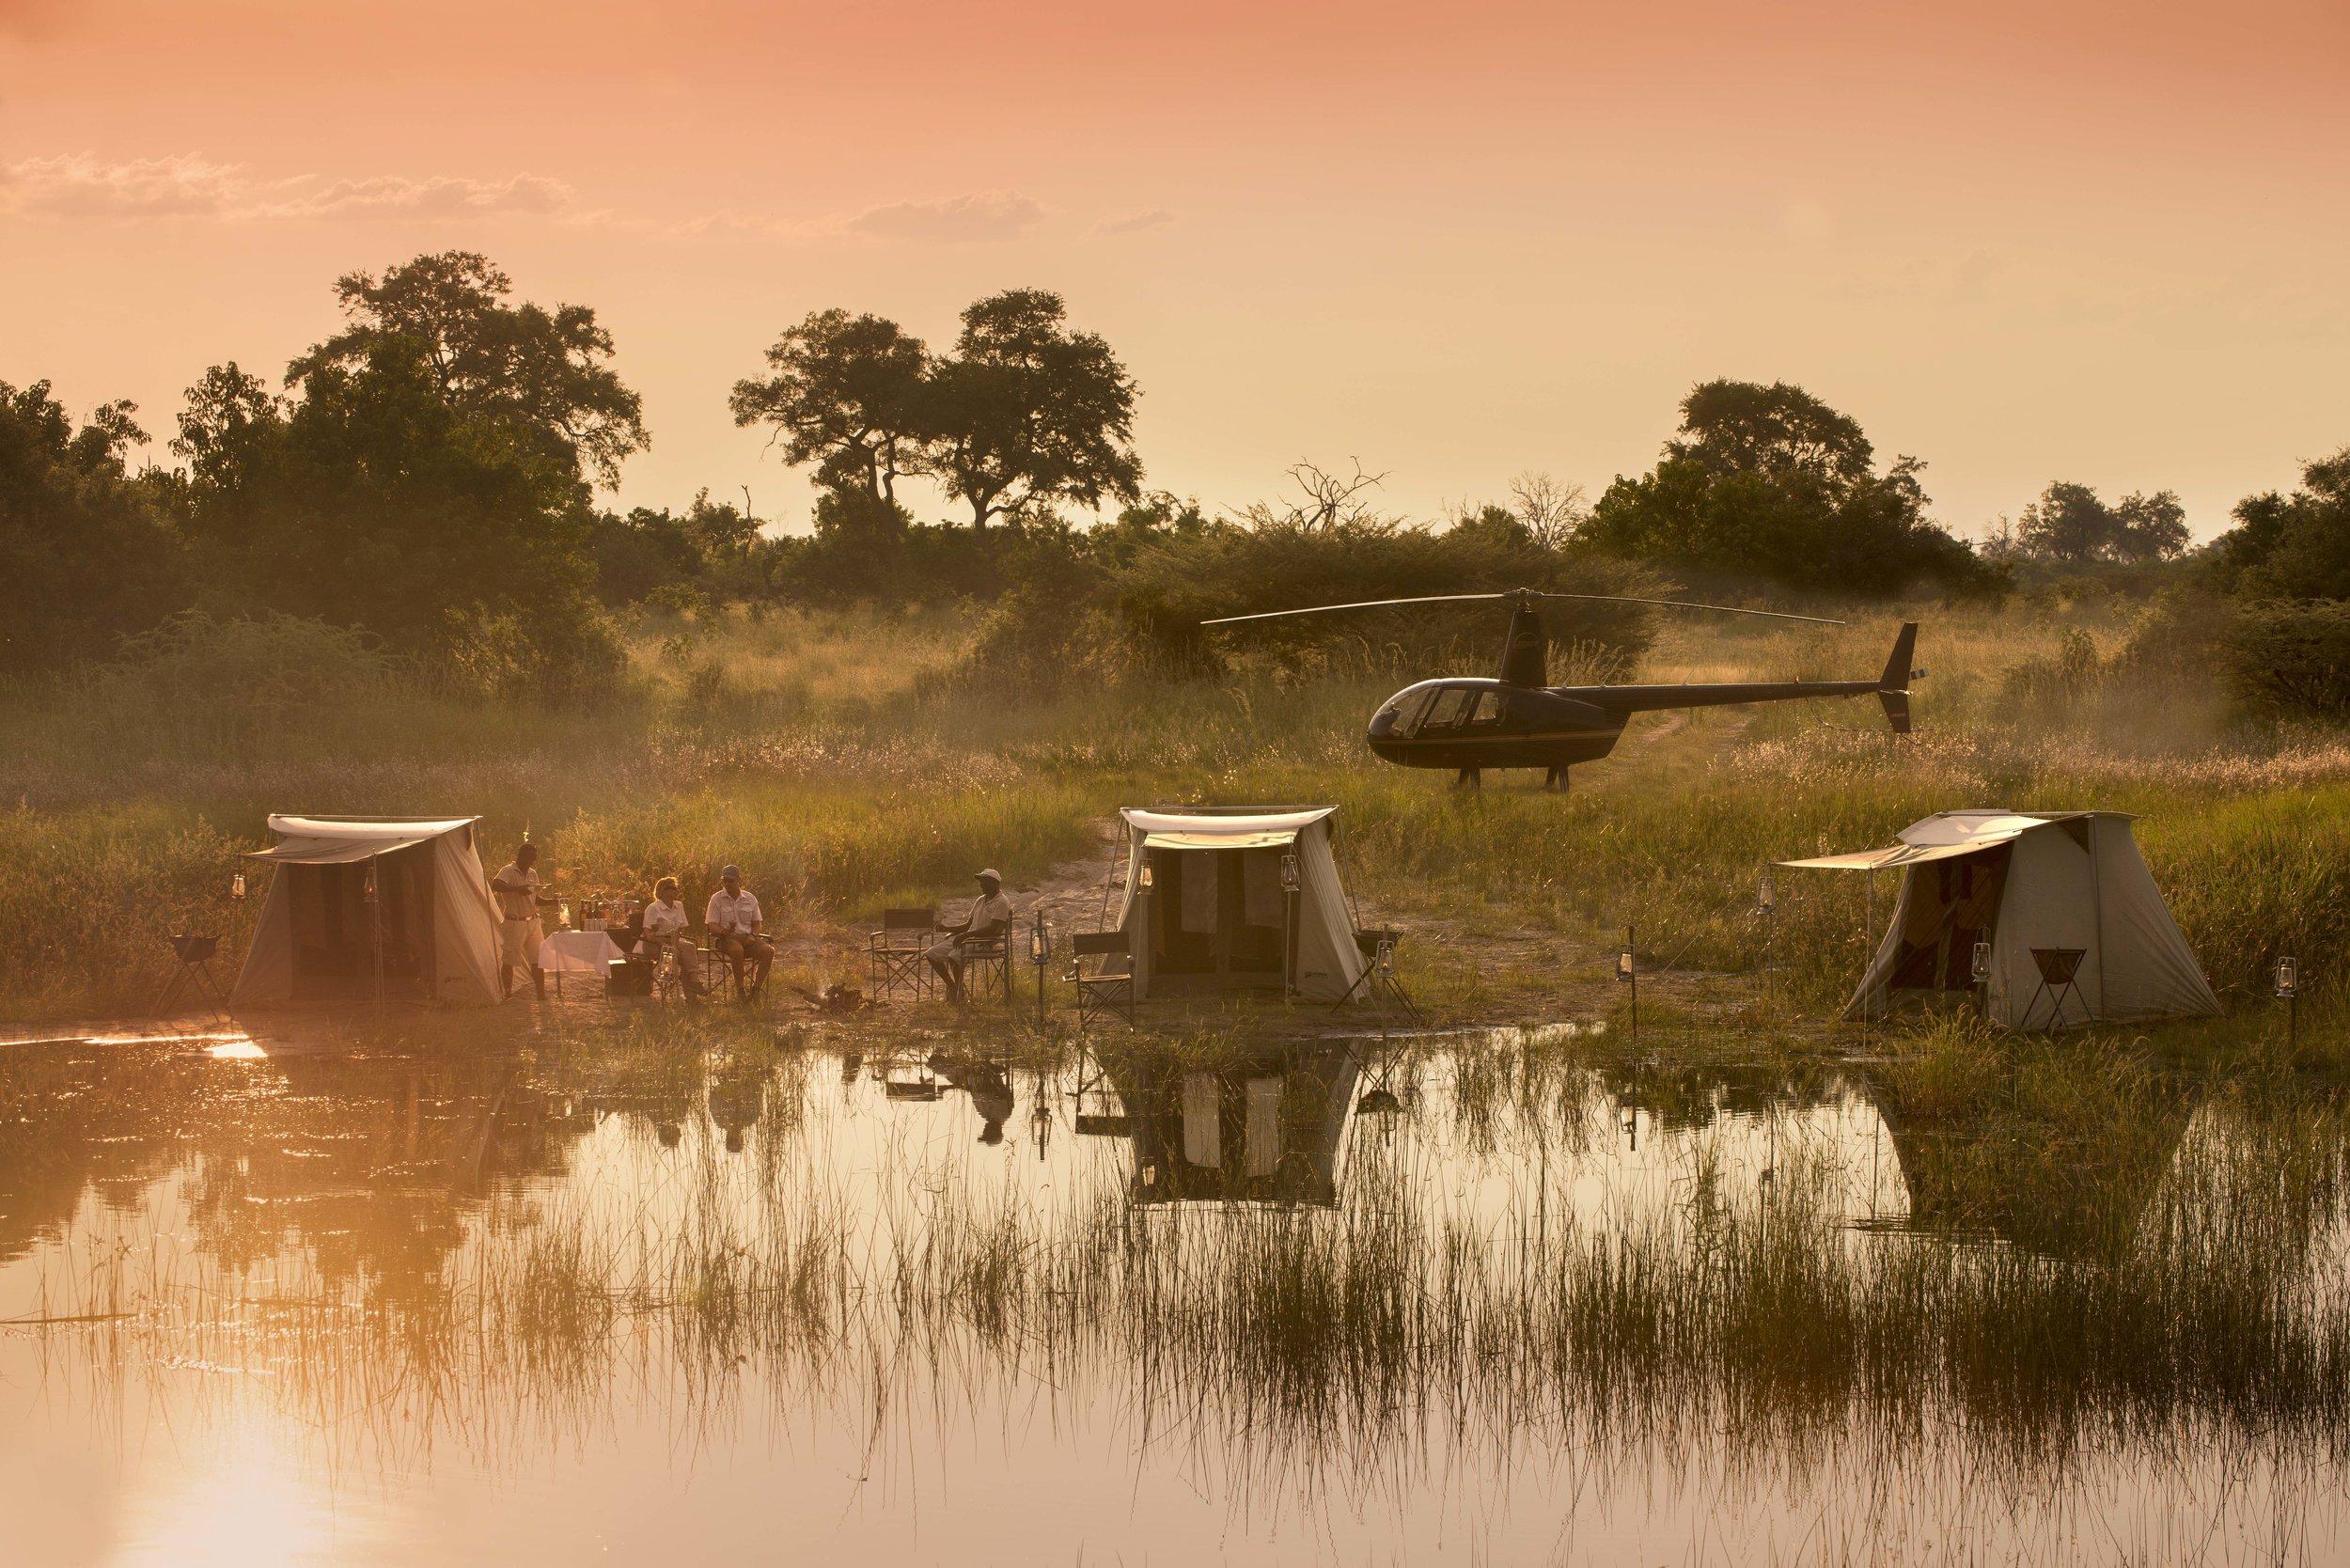 selindaadventuretrail-safari-experience-greatplainsconservation-46.jpg